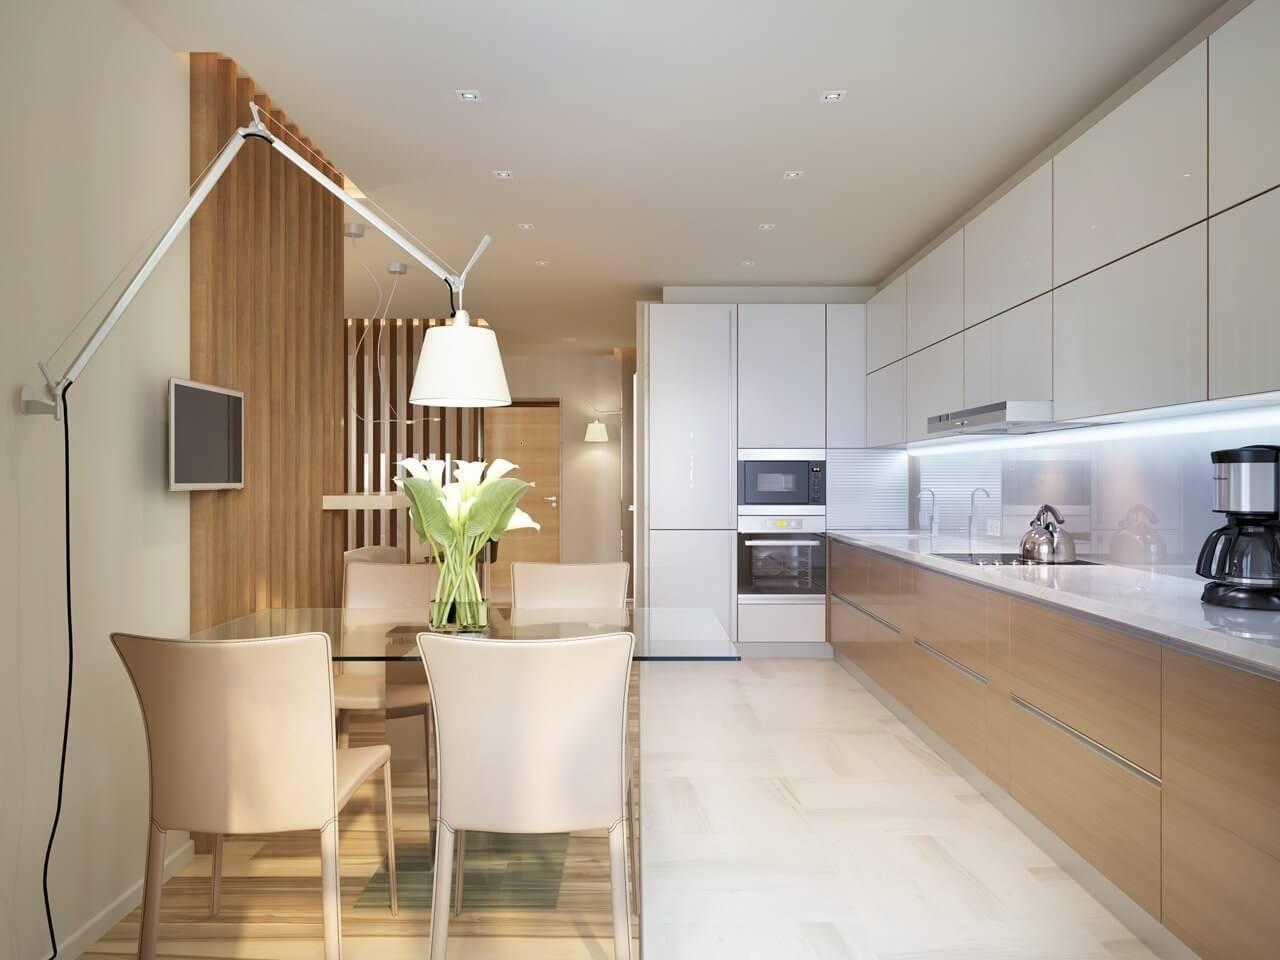 дизайн прямоугольной кухни 12 метров